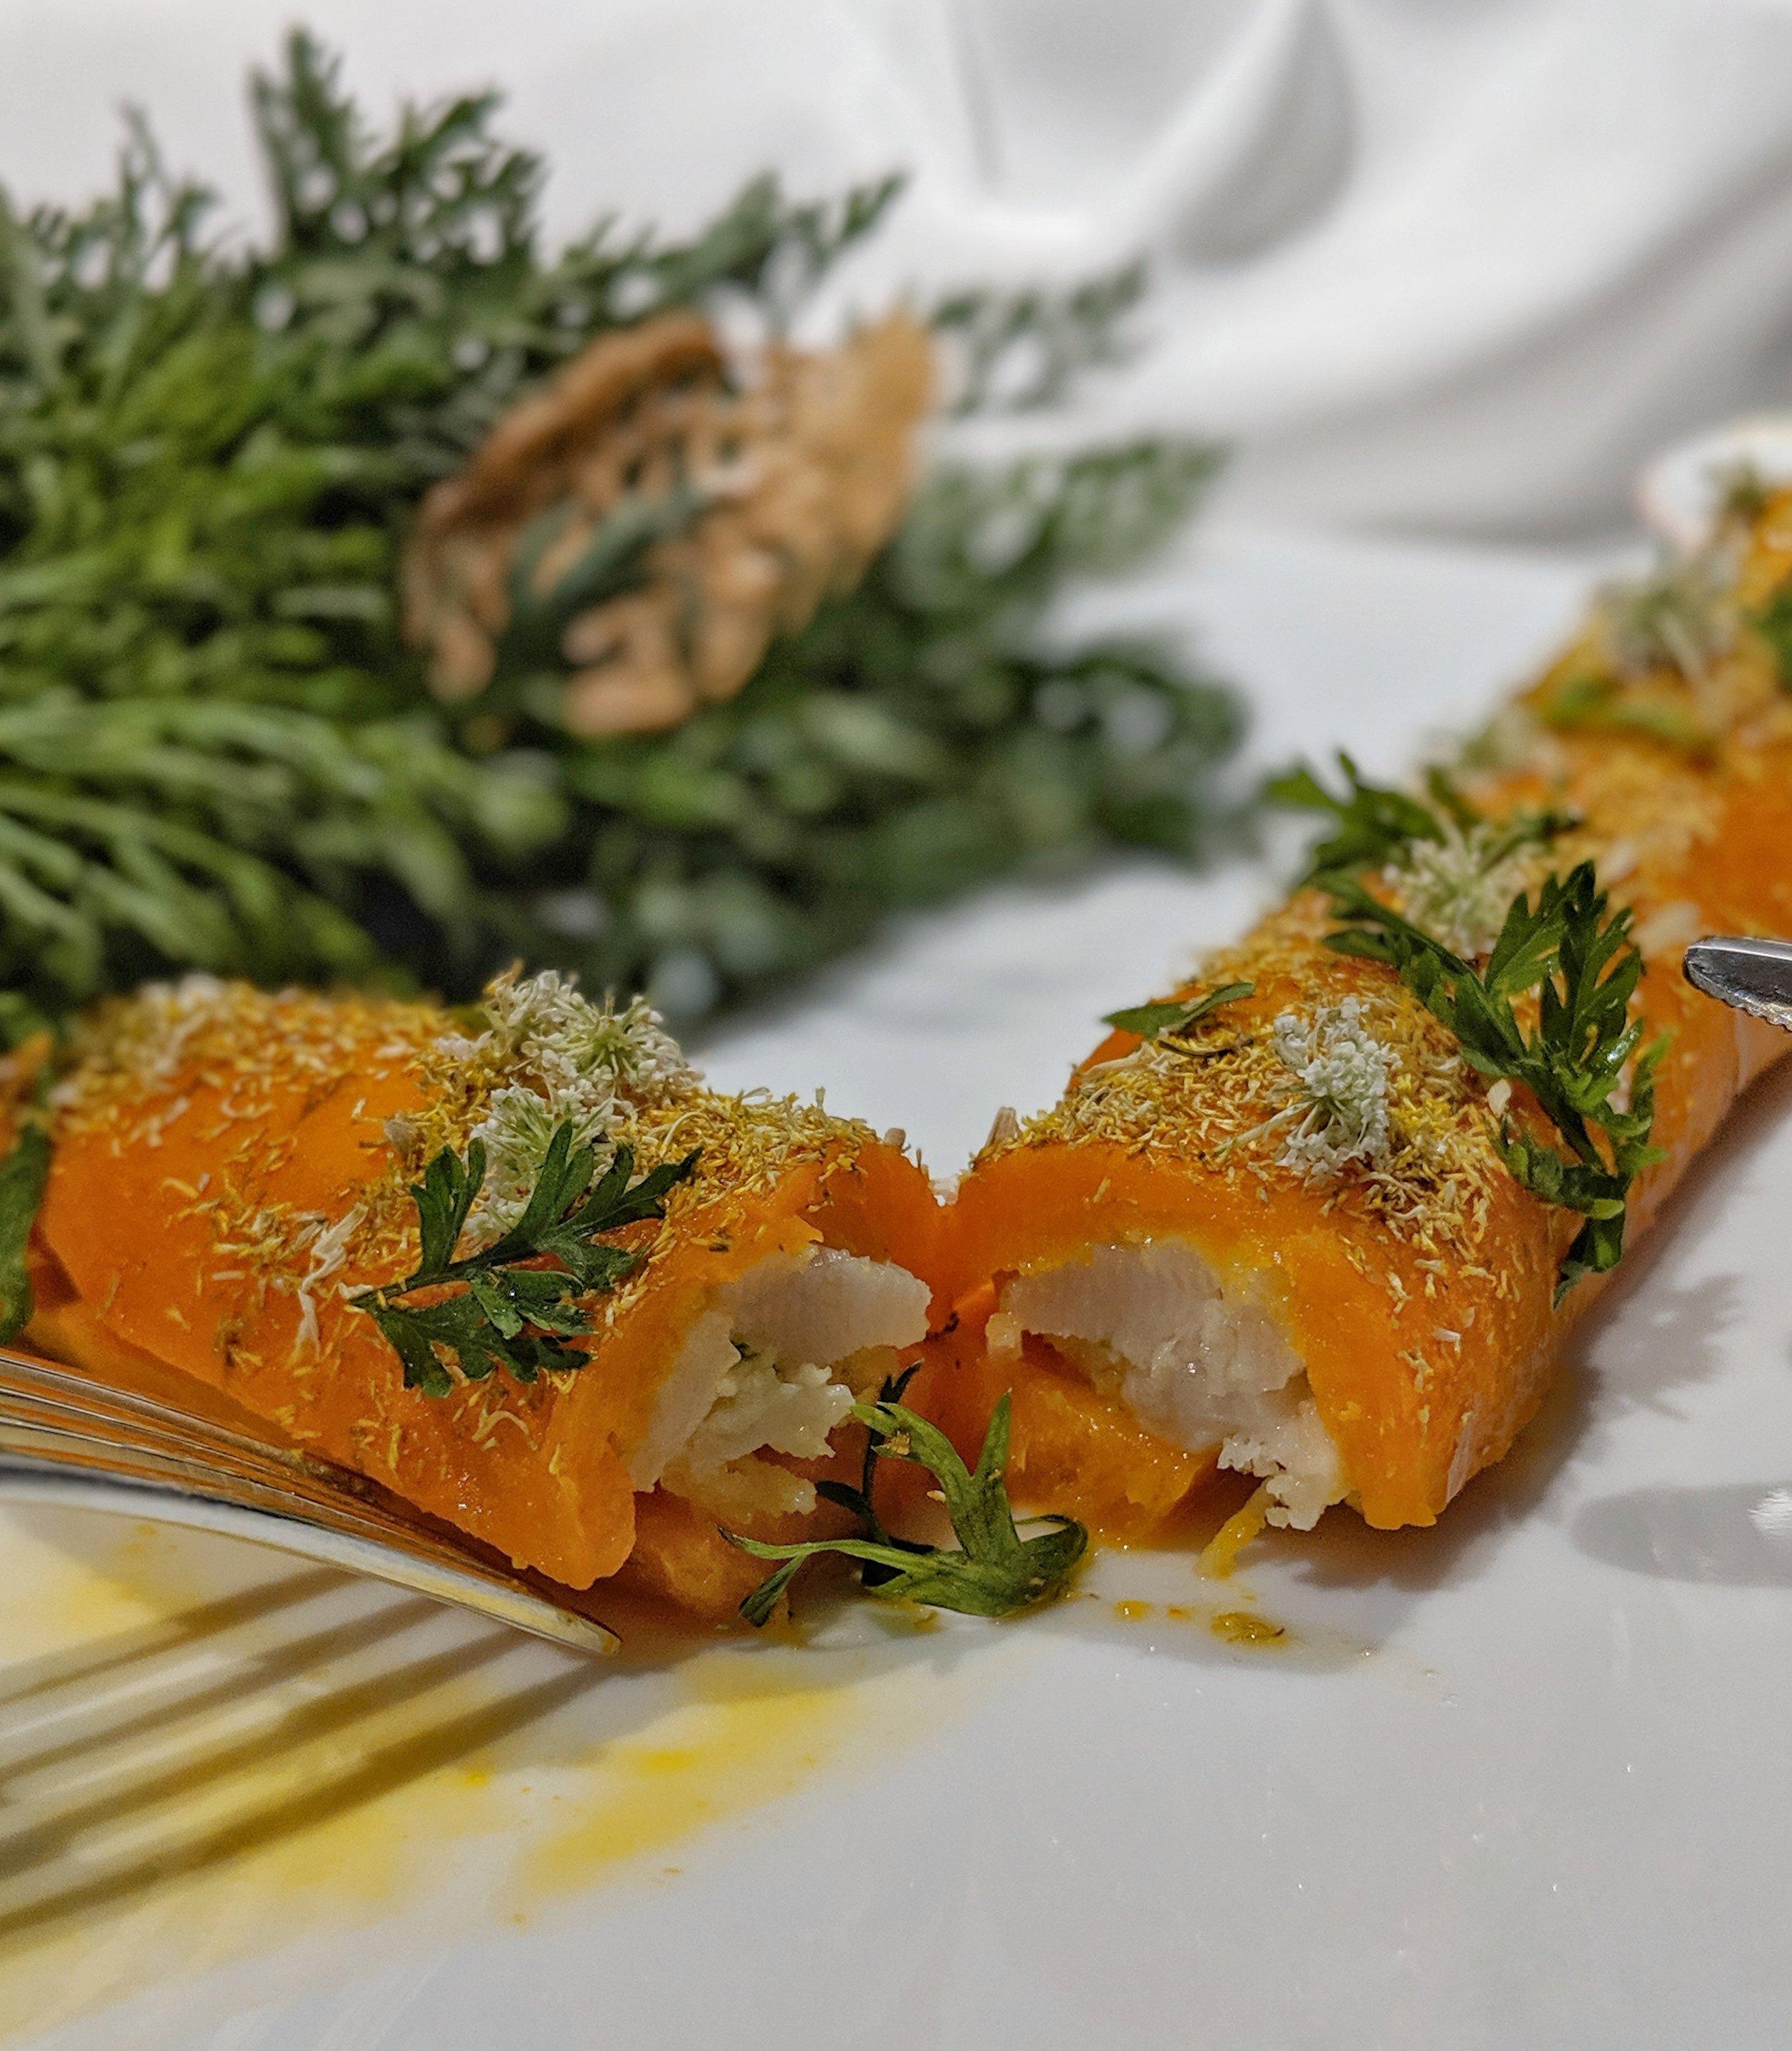 Carota all'arancia, fiori di camomilla e sambuco, lime; ripena di tartare di capasanta e cocco